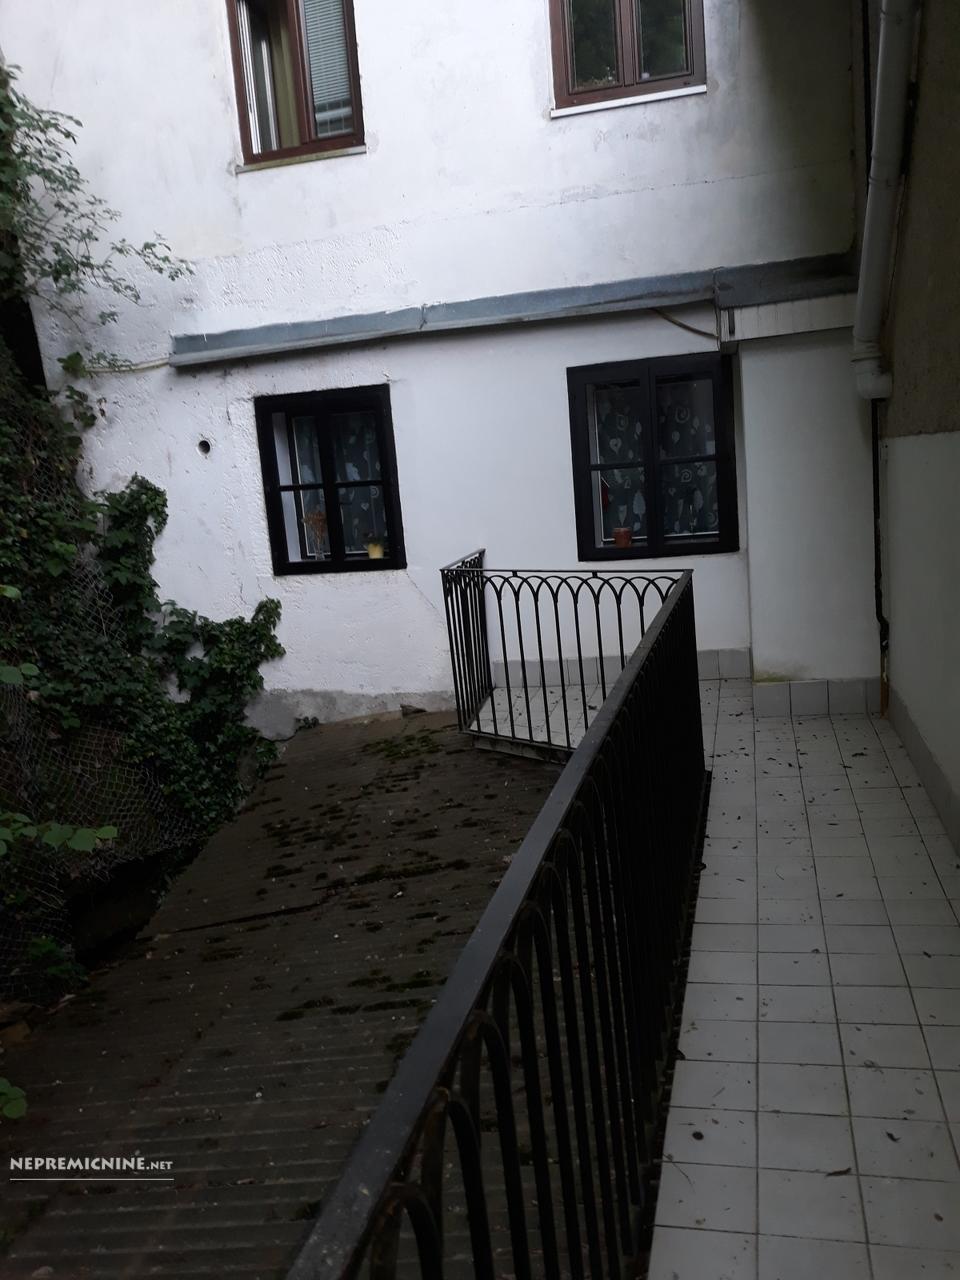 Prodaja, stanovanje - LJ. CENTER, MESTNI TRG 4